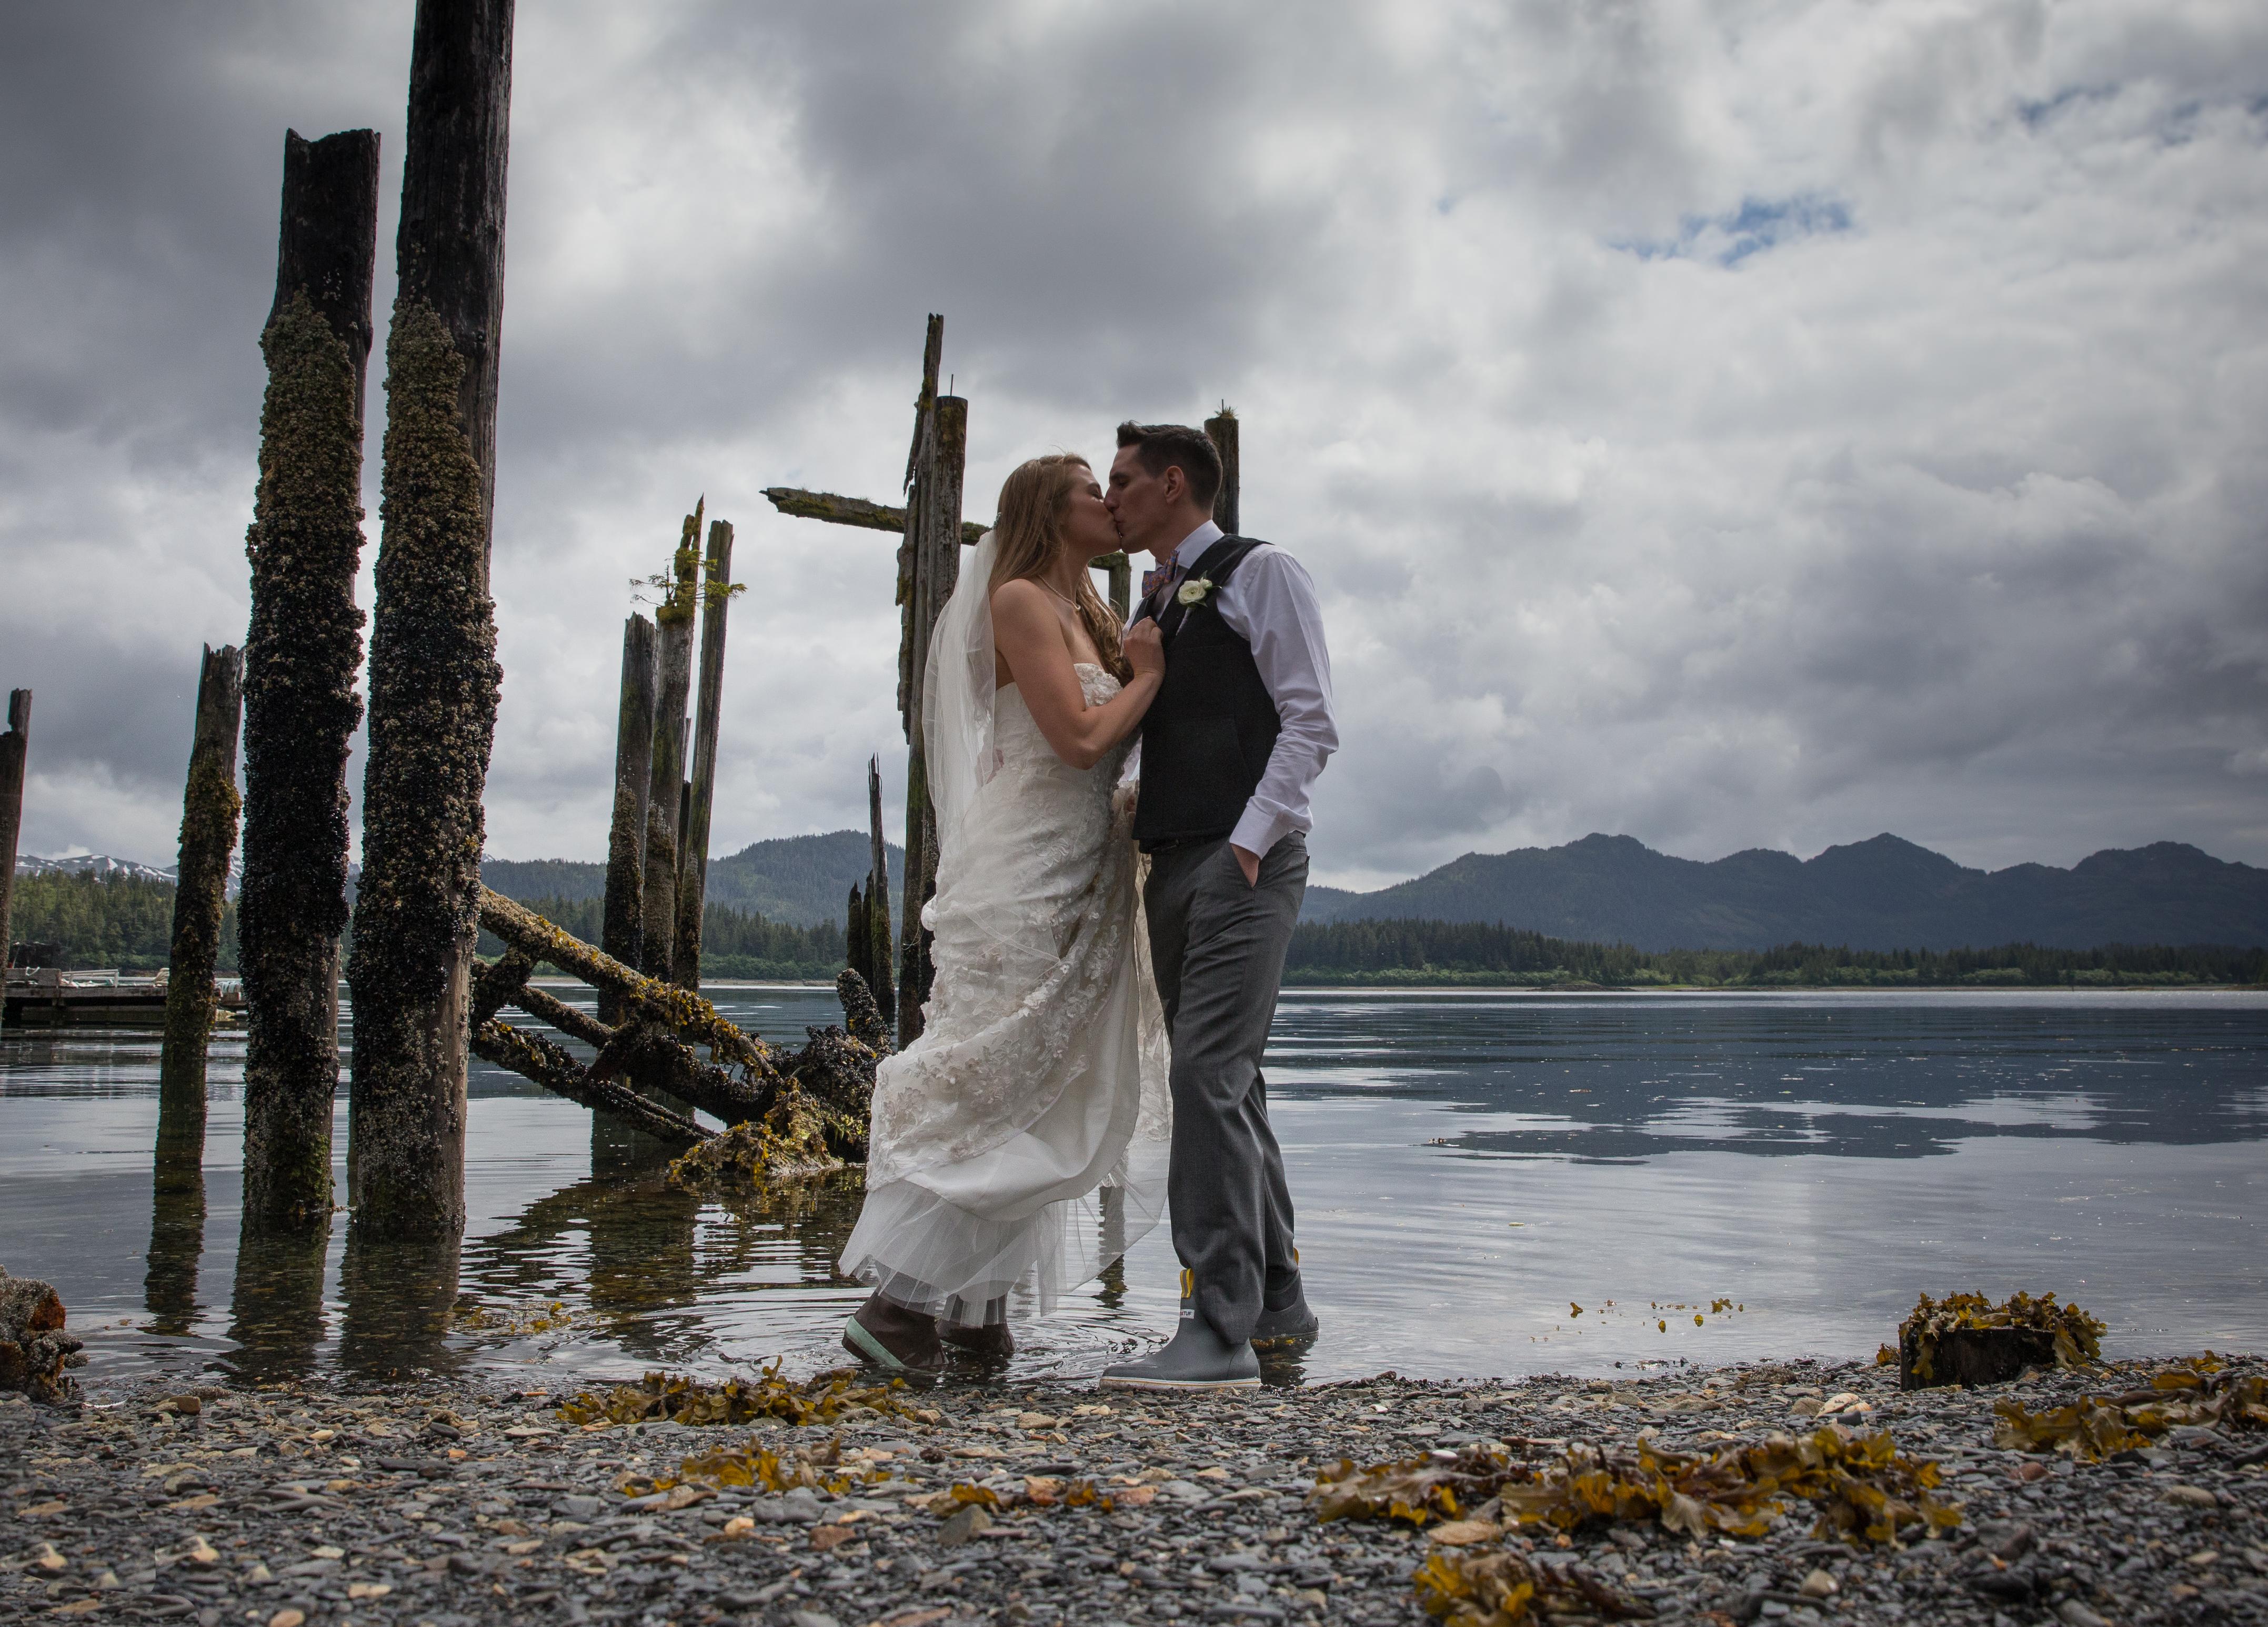 Destination wedding - Prince William Sound, AK